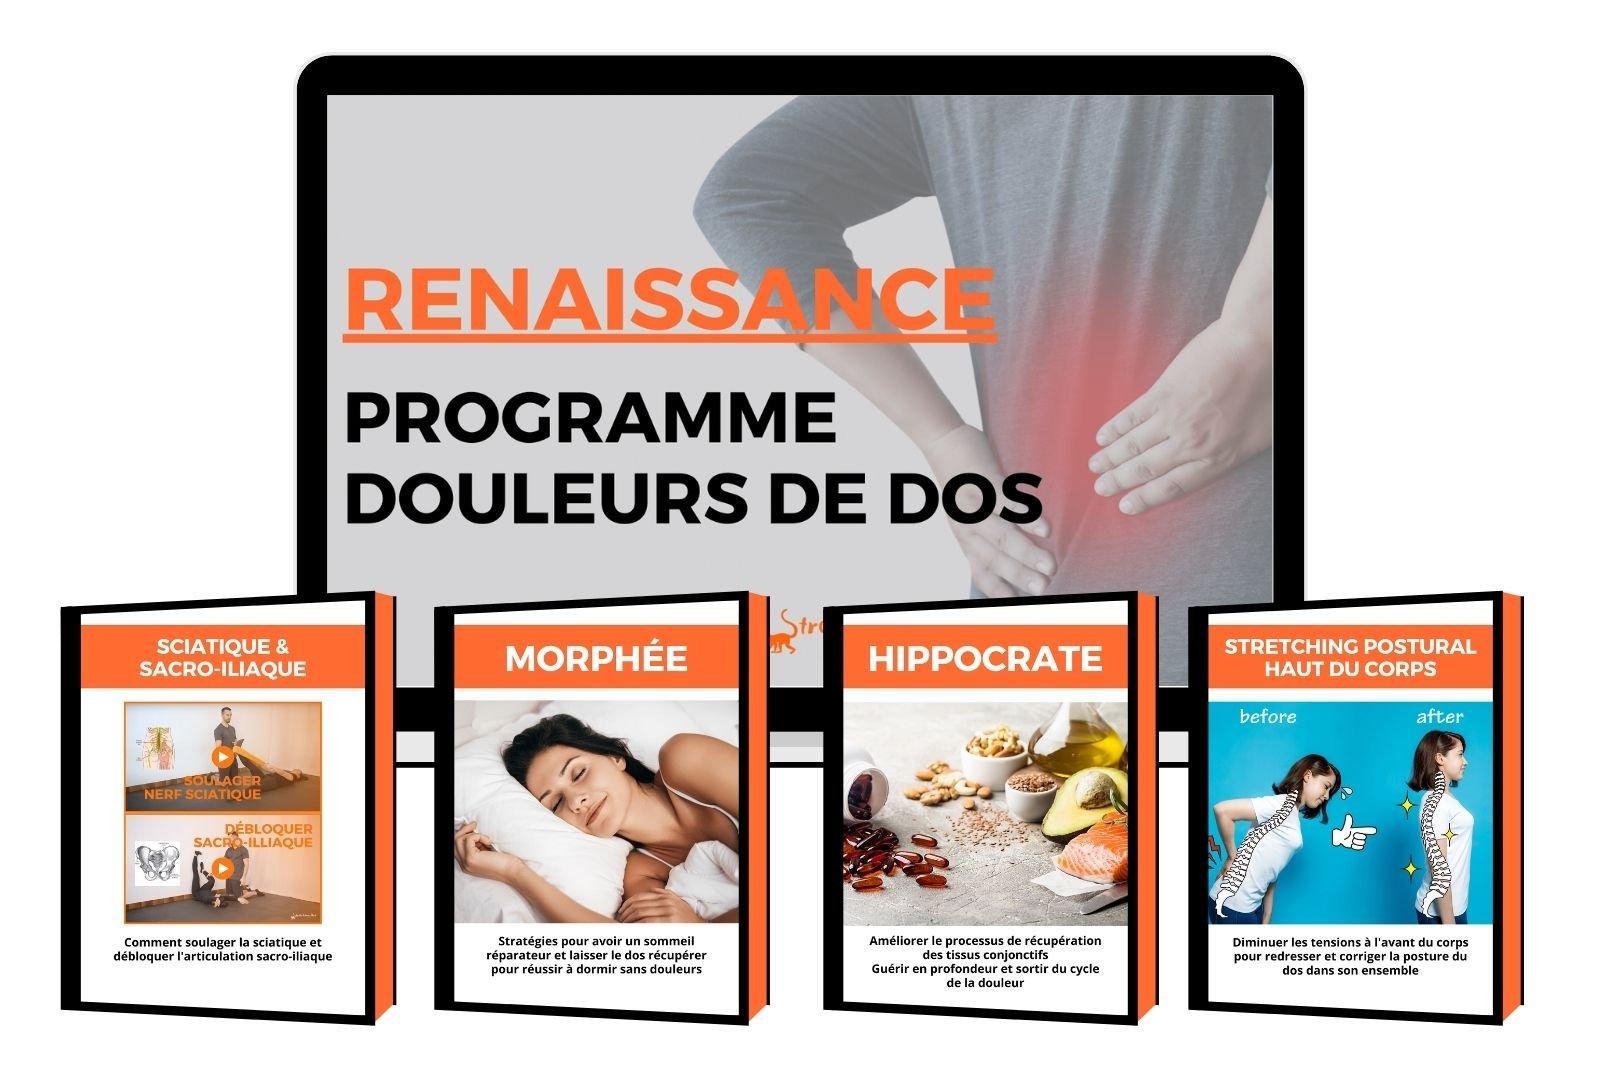 cours-stretching-pro-programme-renaissance-douleur-de-dos